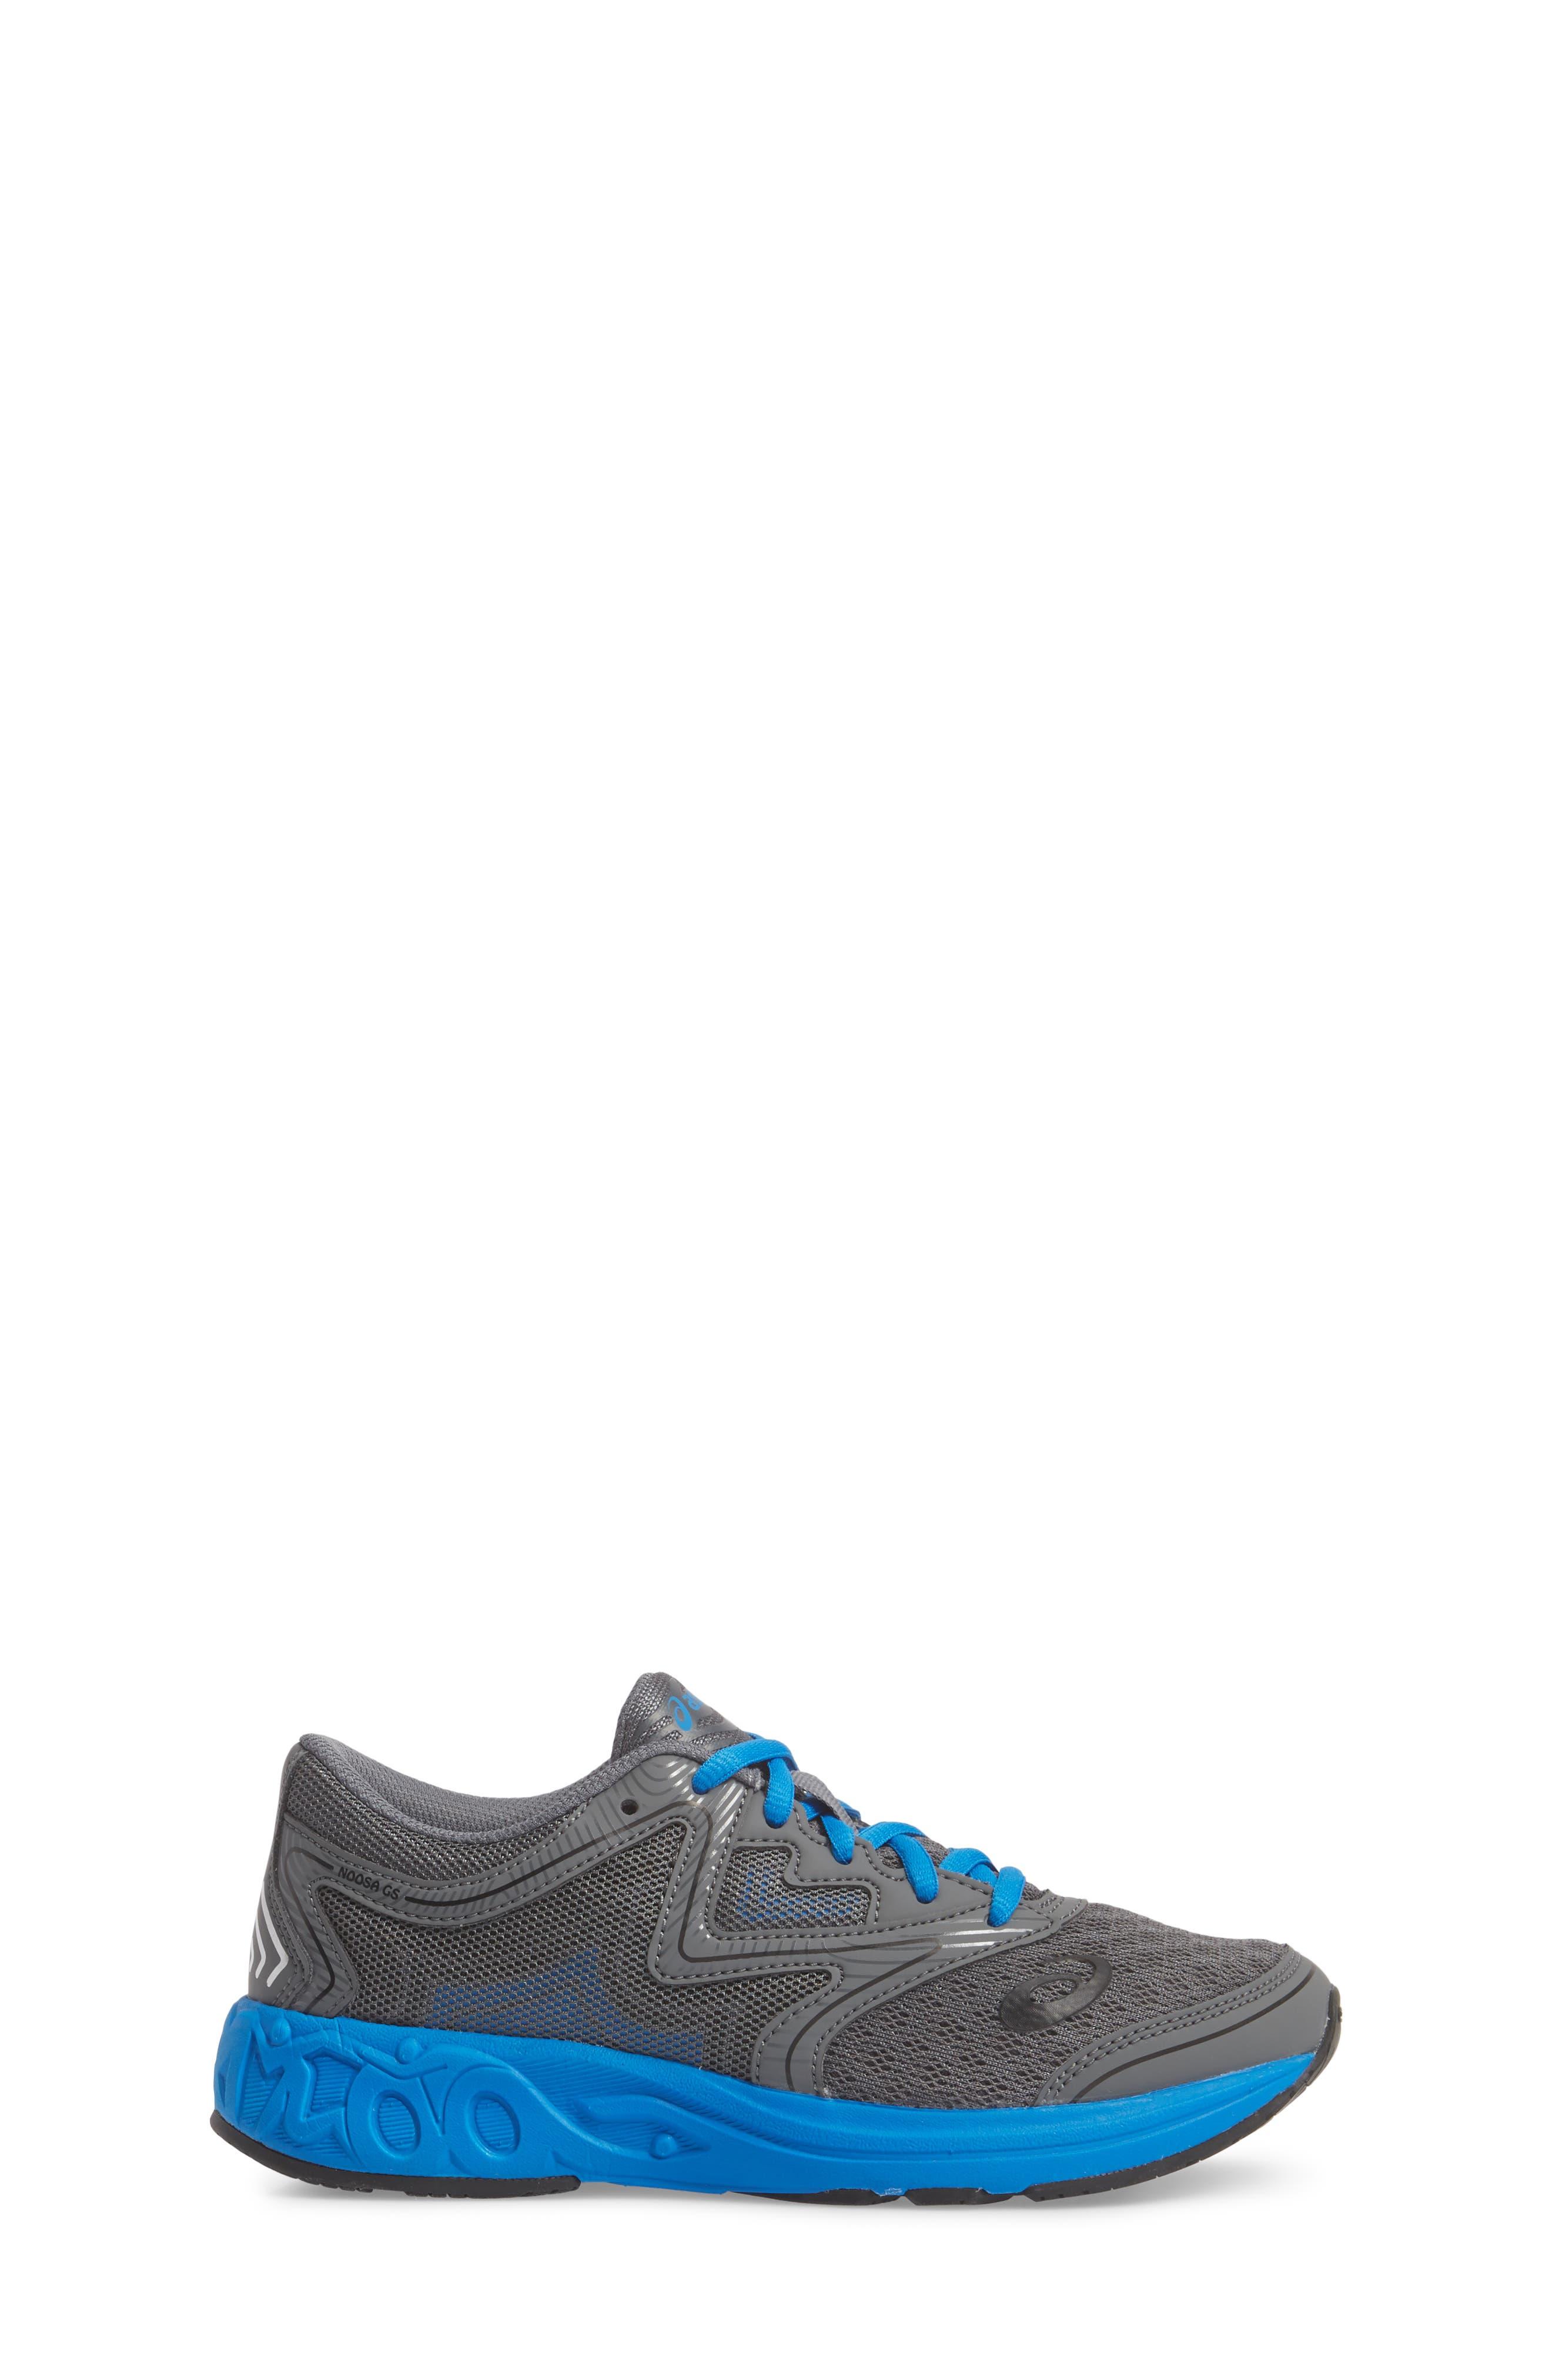 Noosa GS Sneaker,                             Alternate thumbnail 3, color,                             CARBON/ DIRECTOIRE BLUE/ BLACK